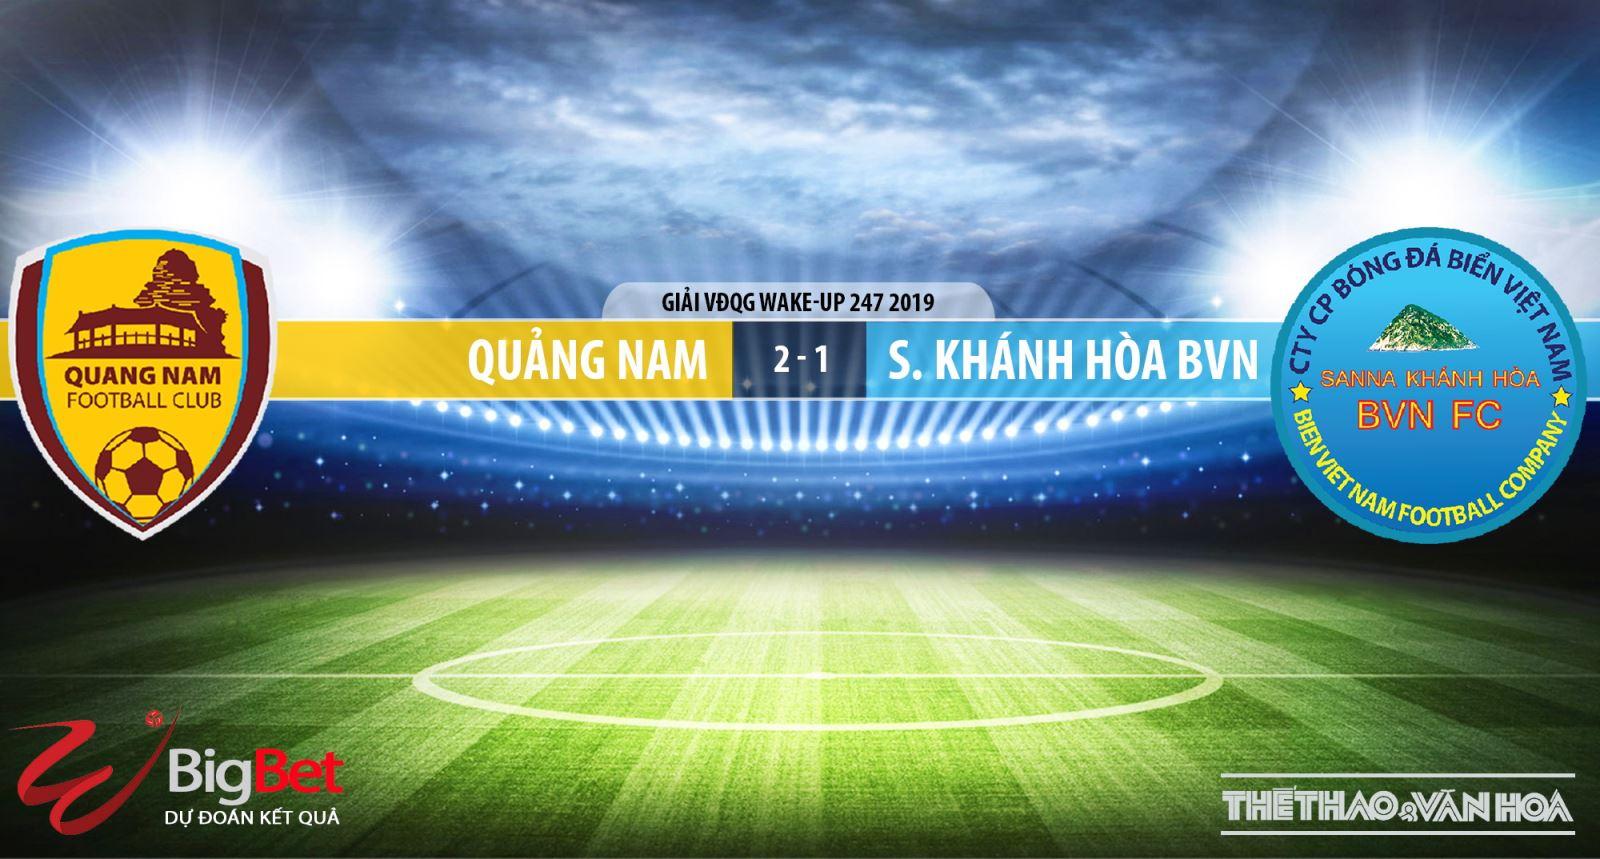 truc tiep bong da hôm nay,Quảng Nam vs Sana Khánh Hòa, trực tiếp bóng đá, Quảng Nam đấu với Sana Khánh Hòa, V League, Khánh Hòa, xem trực tuyến, VTV6, thể thao TV, BĐTV, FPT Play